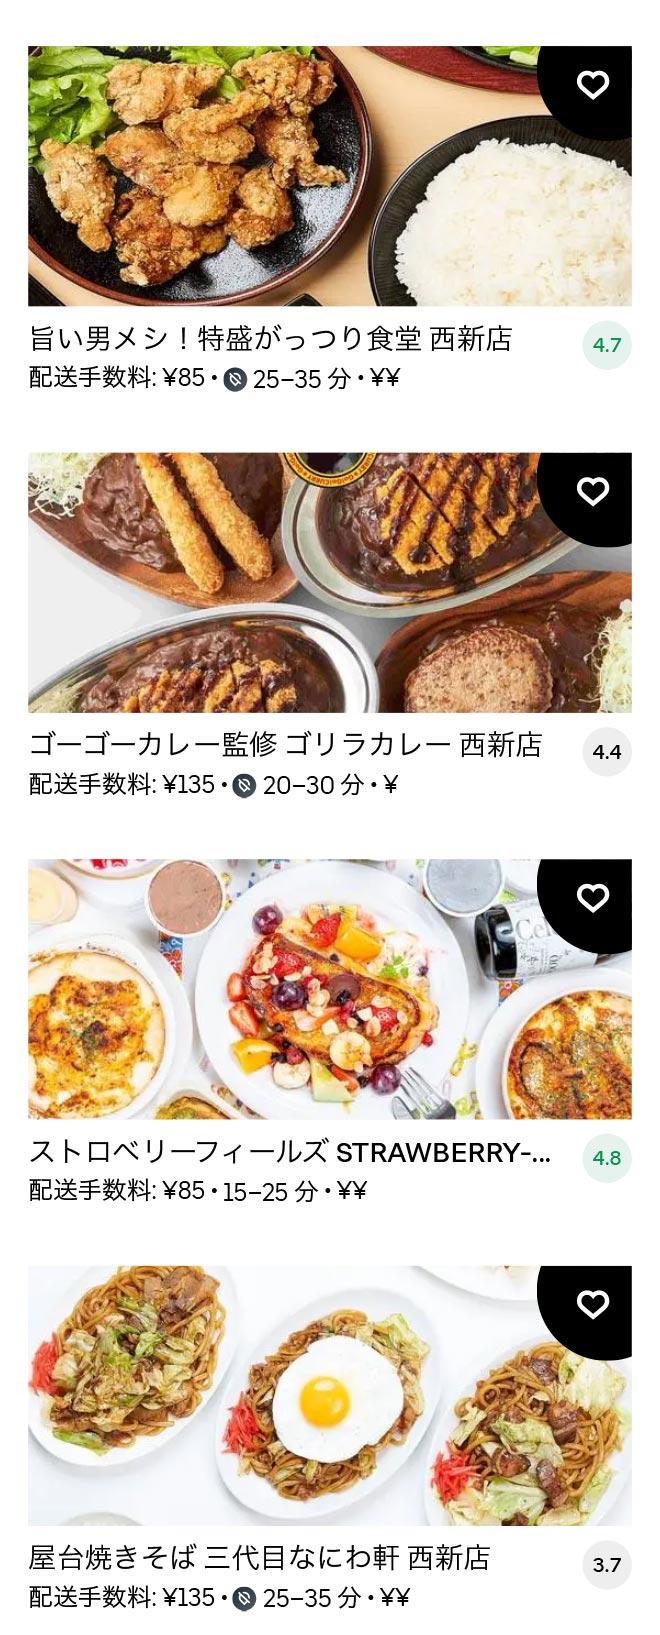 Nishijin menu 2101 08